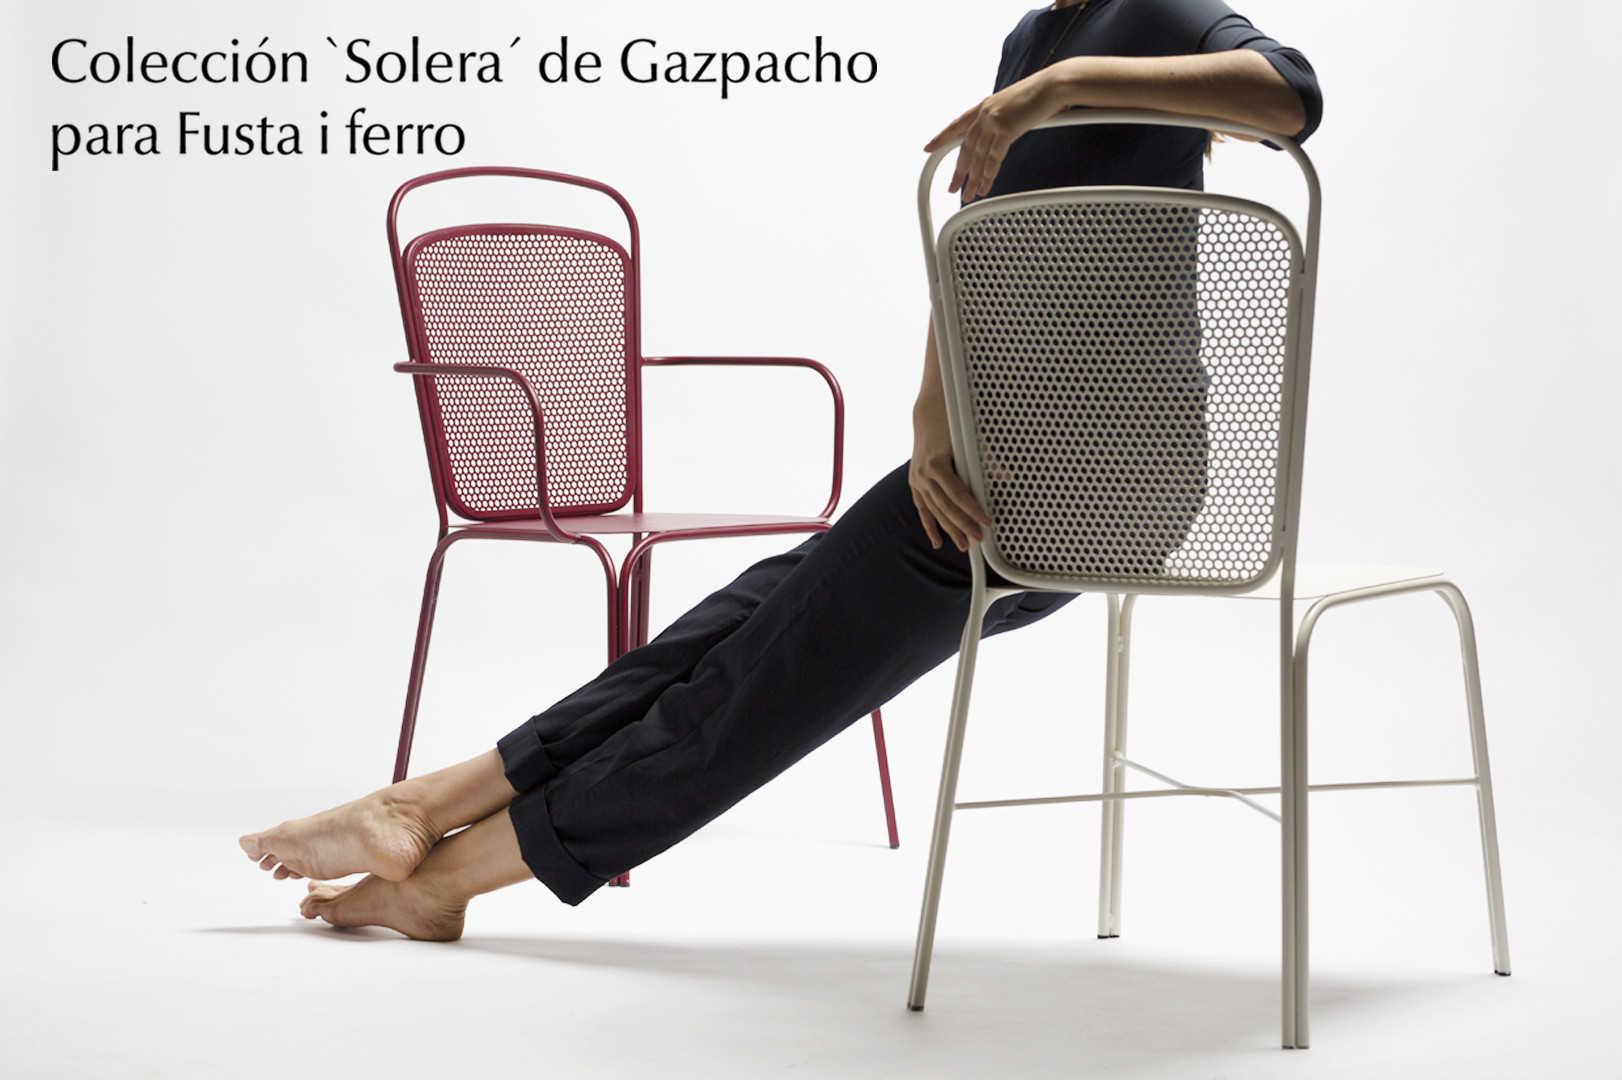 Colección Solera